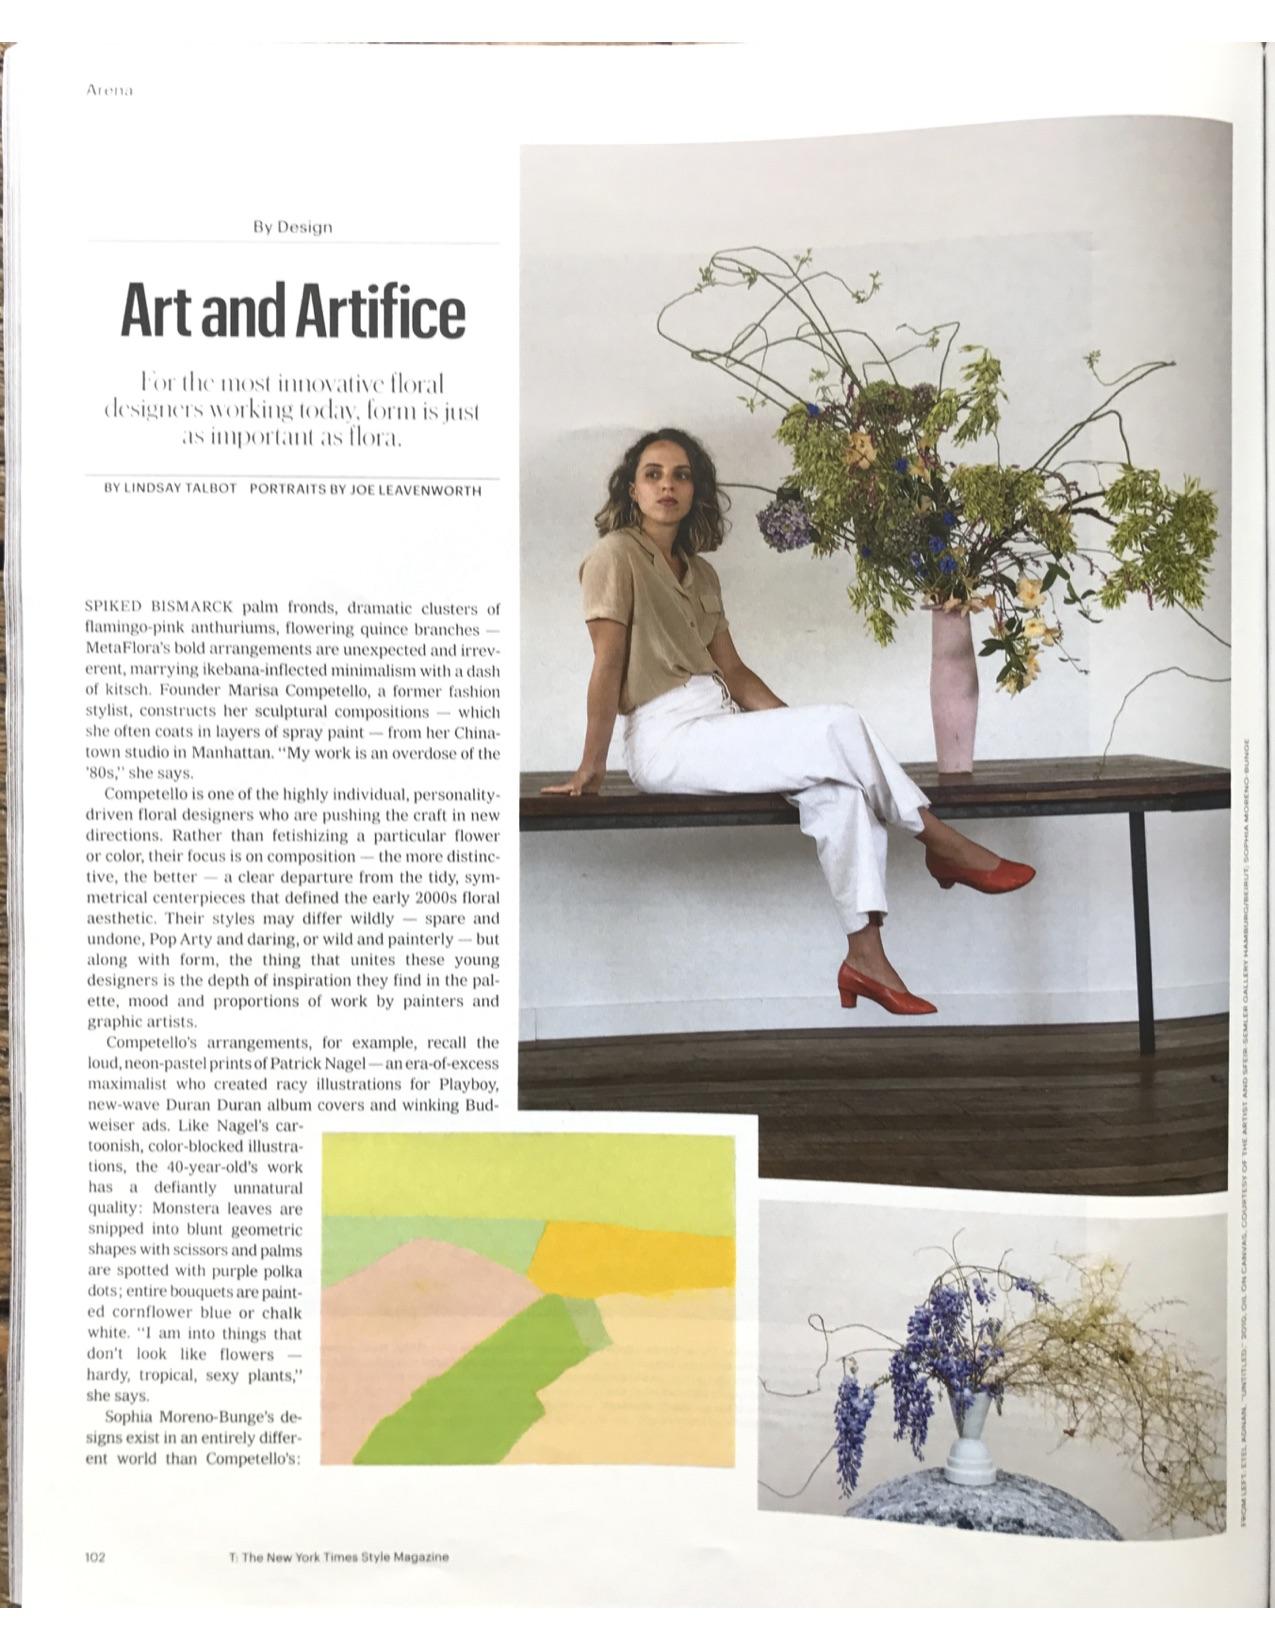 sophia new york times T magazine floral designer 2.jpg